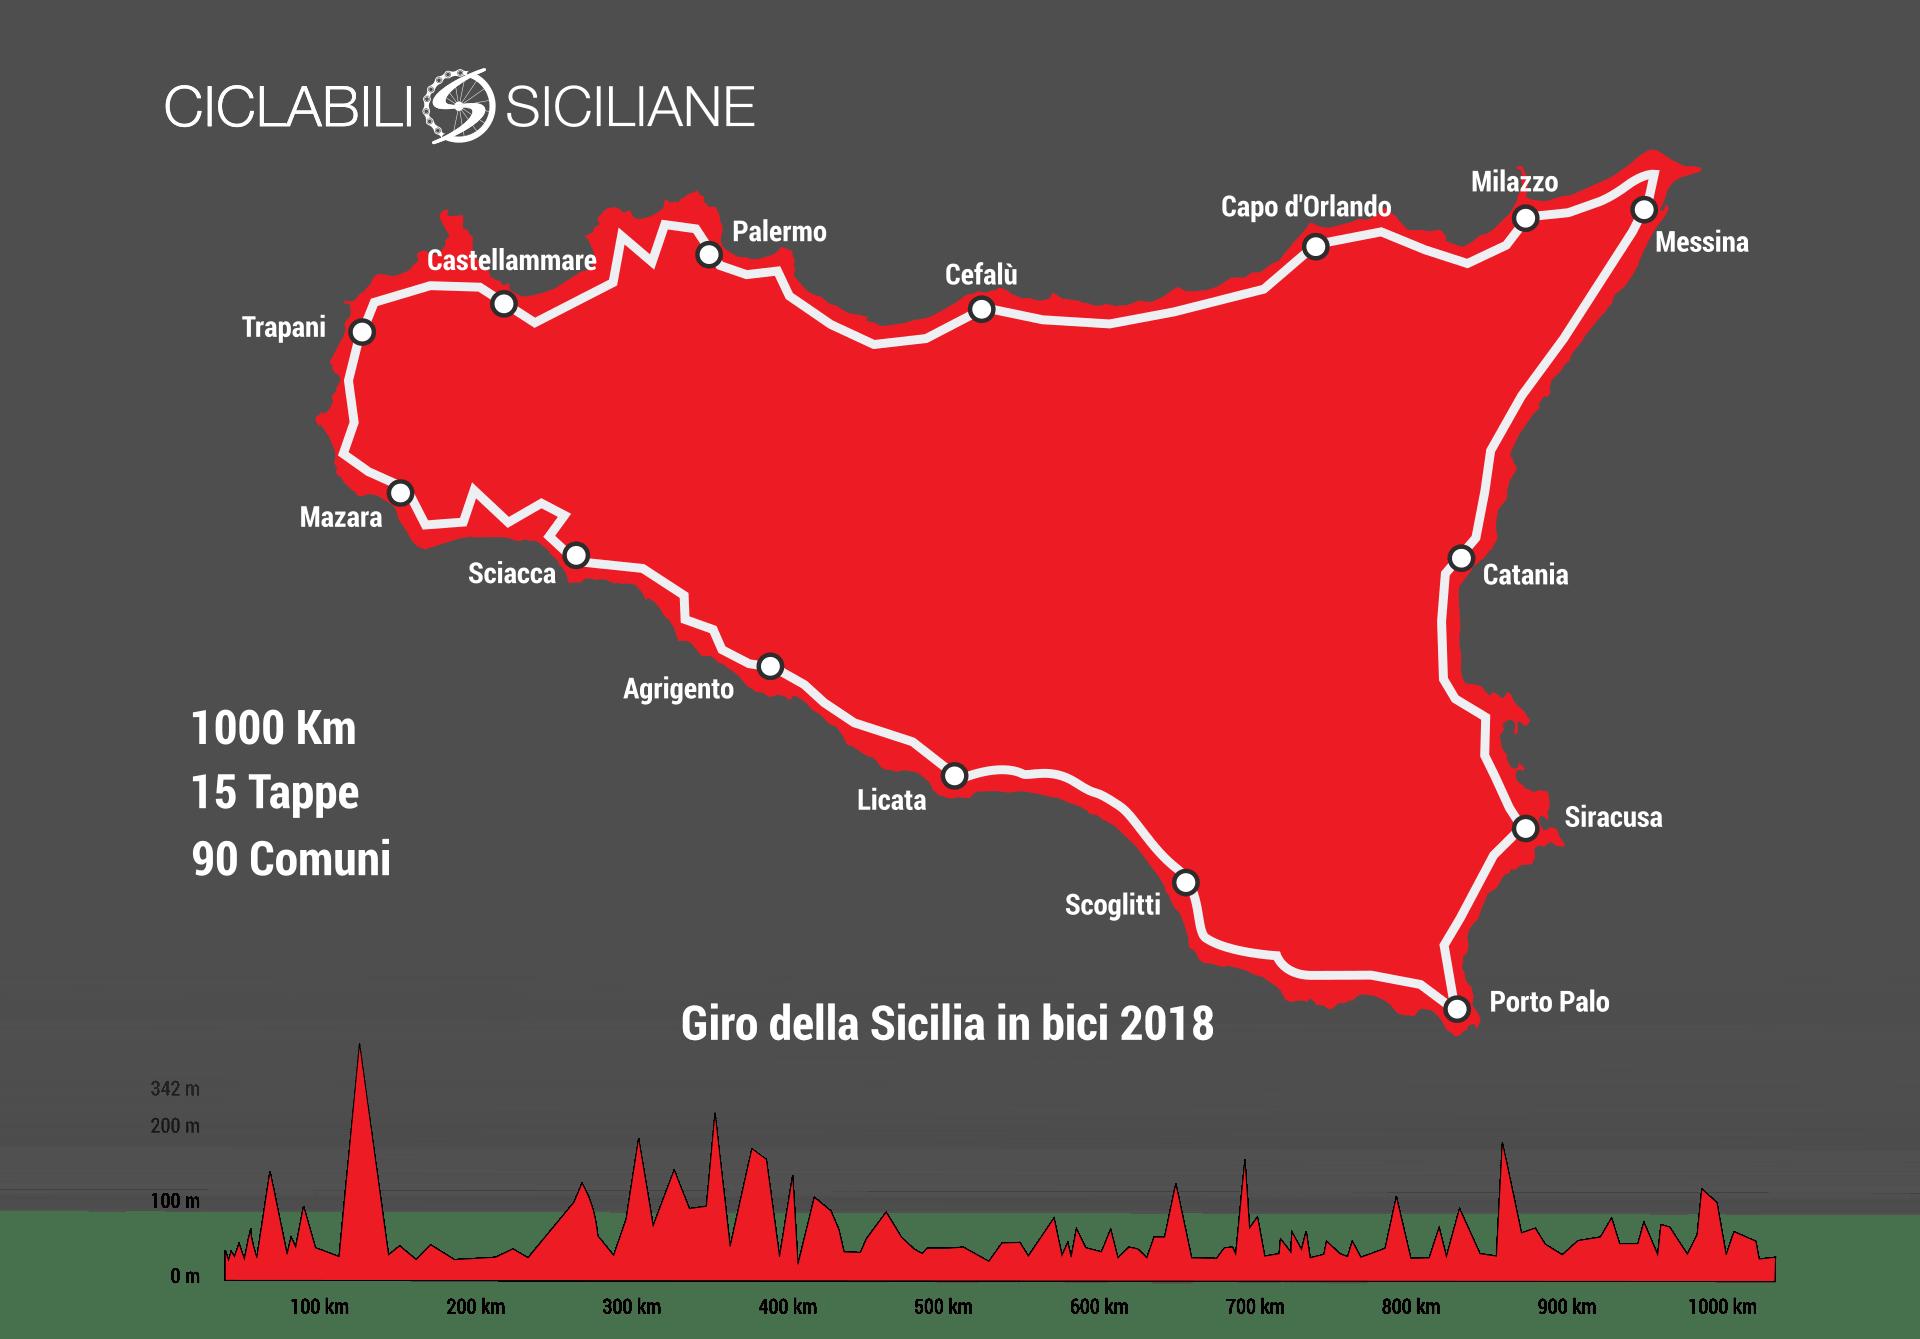 Il giro della sicilia in bici